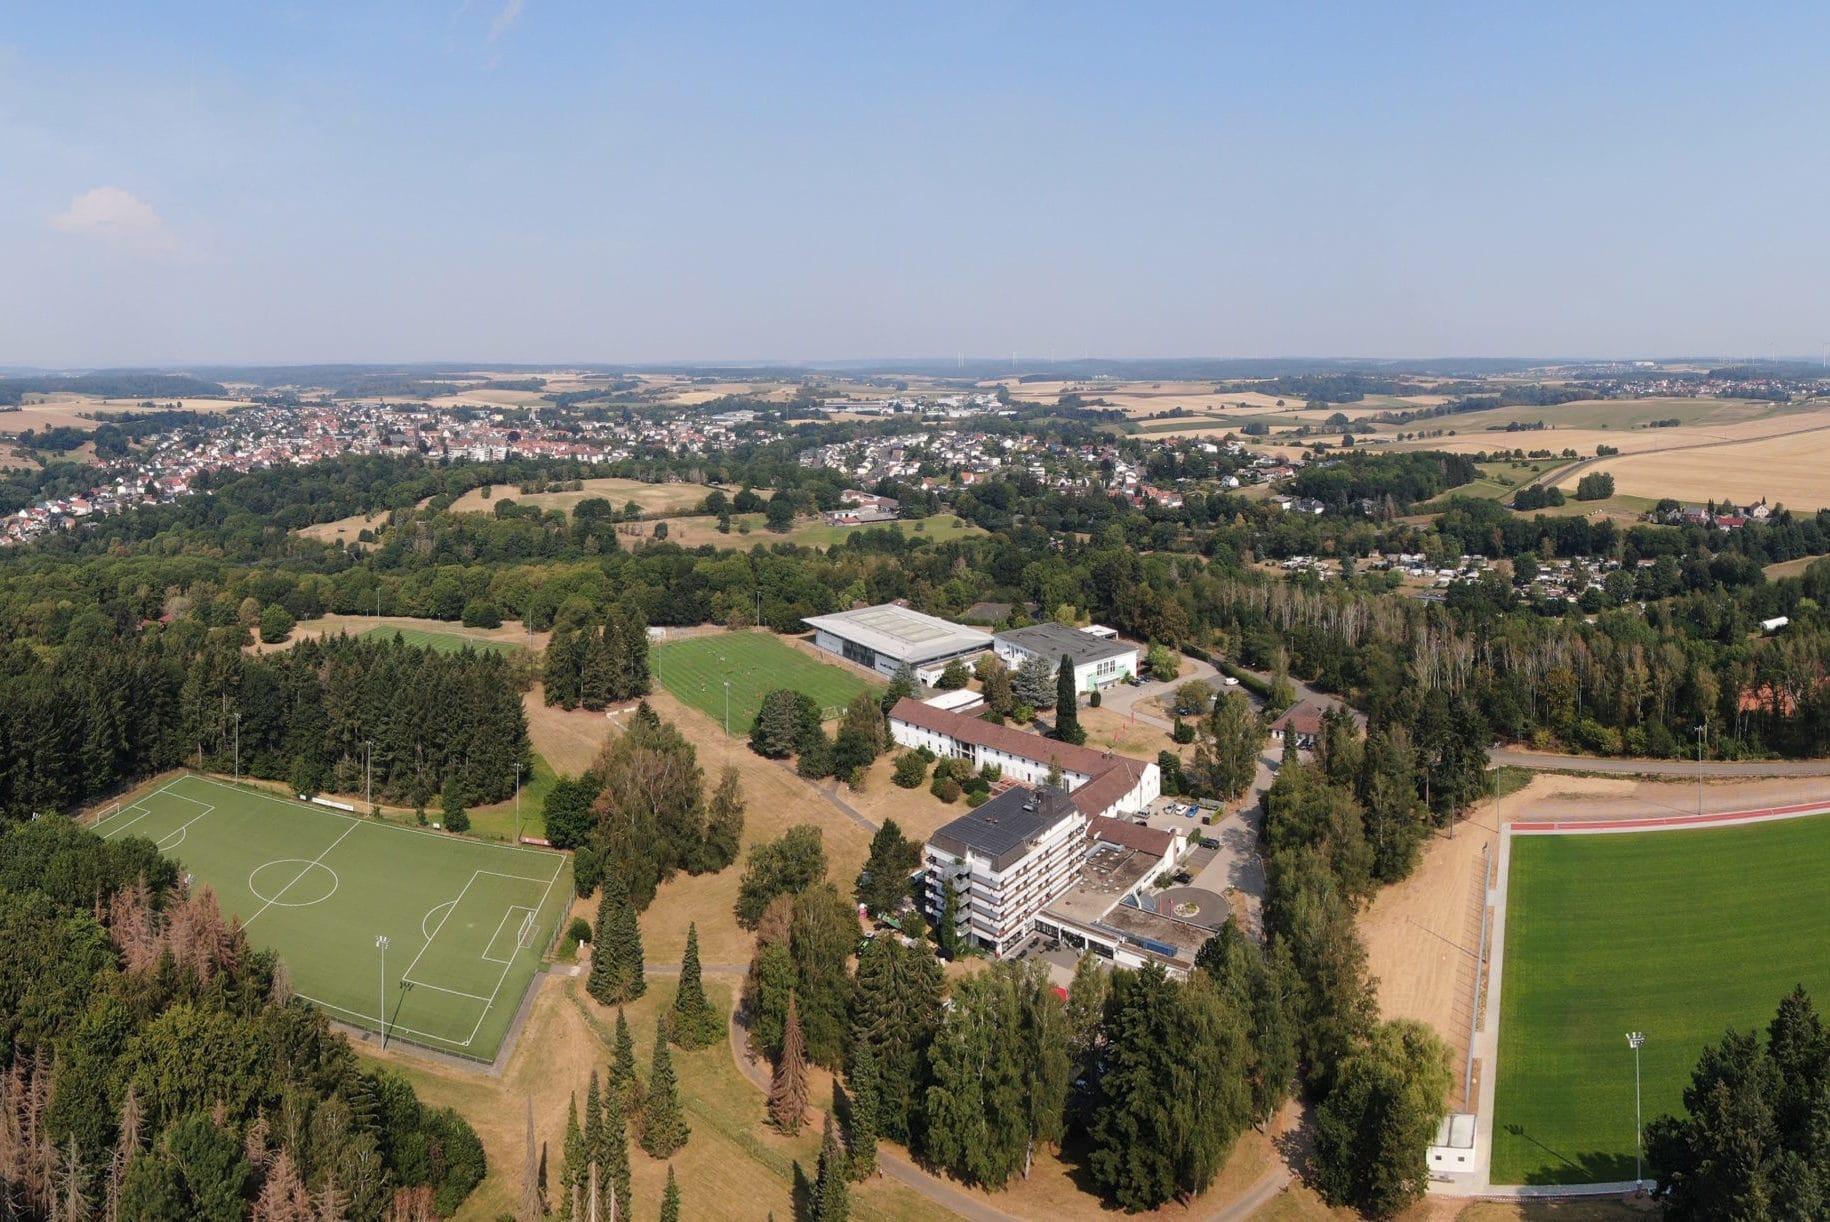 Luftaufnahme Sporthotel Mittelhessen samt Rasen- und Ksuntrasenplätzen